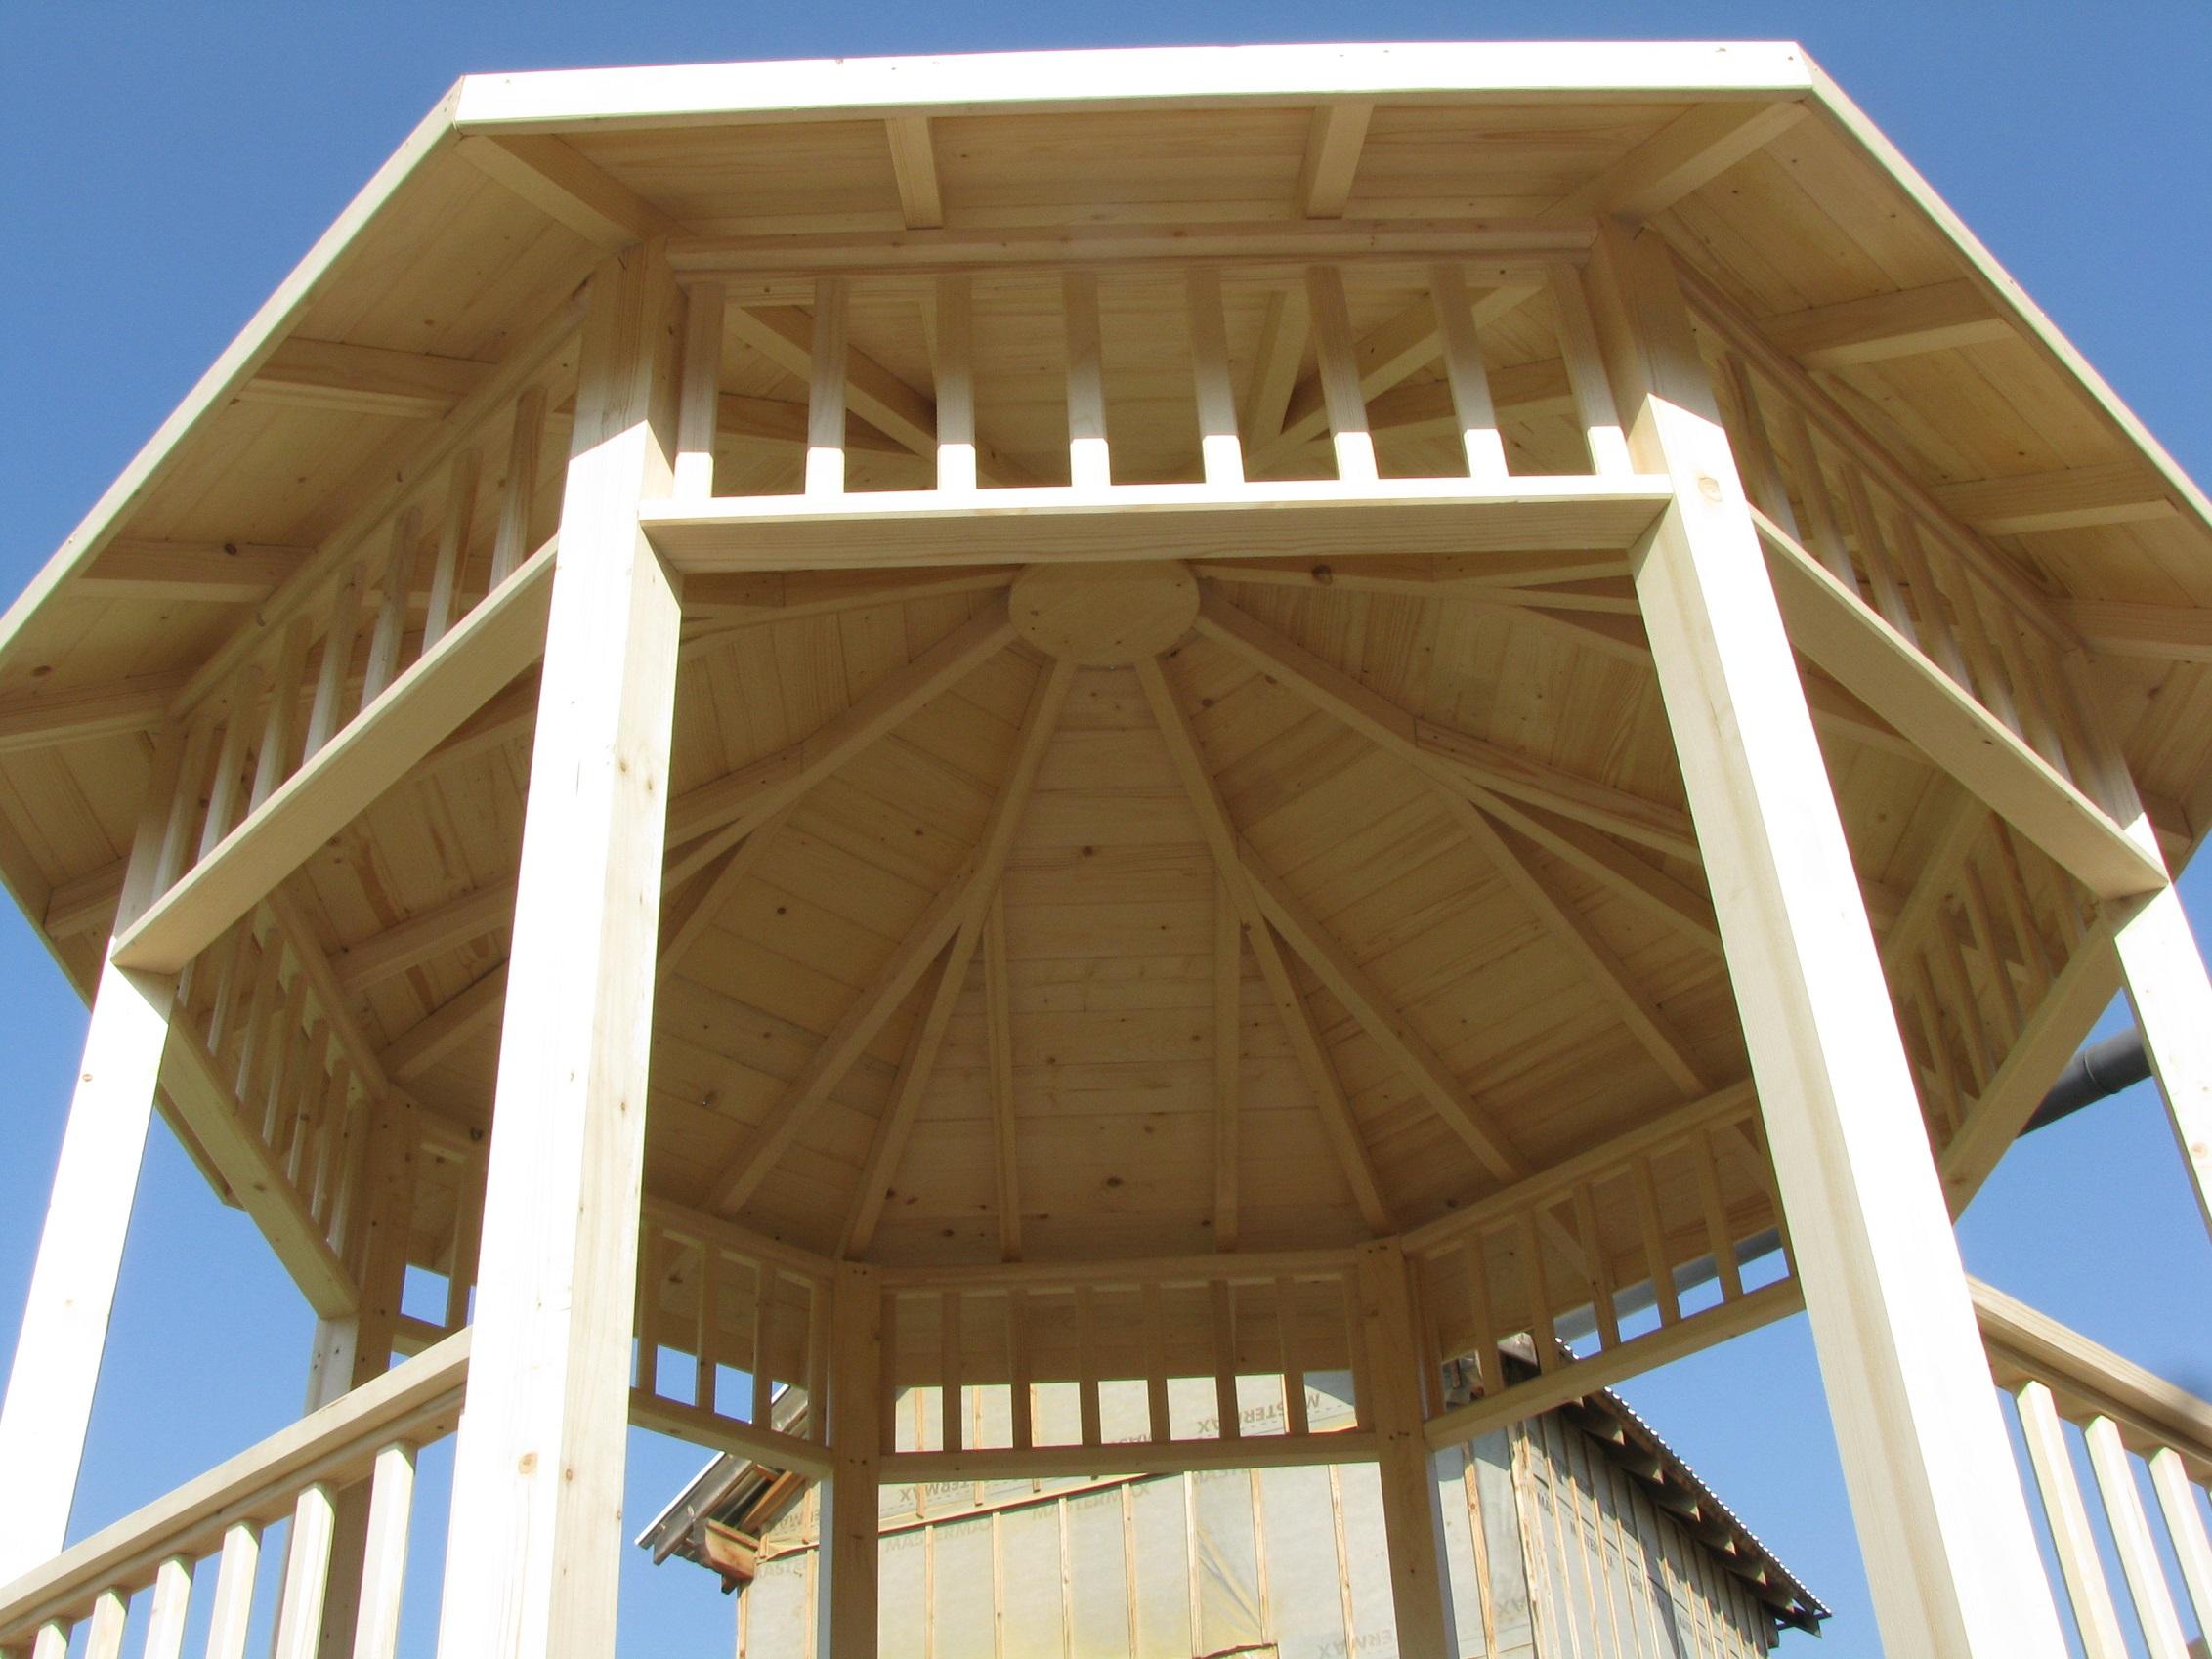 Pergola octogonal 3m x 3m en bois en kit sans permis de construire for Plans de pergola